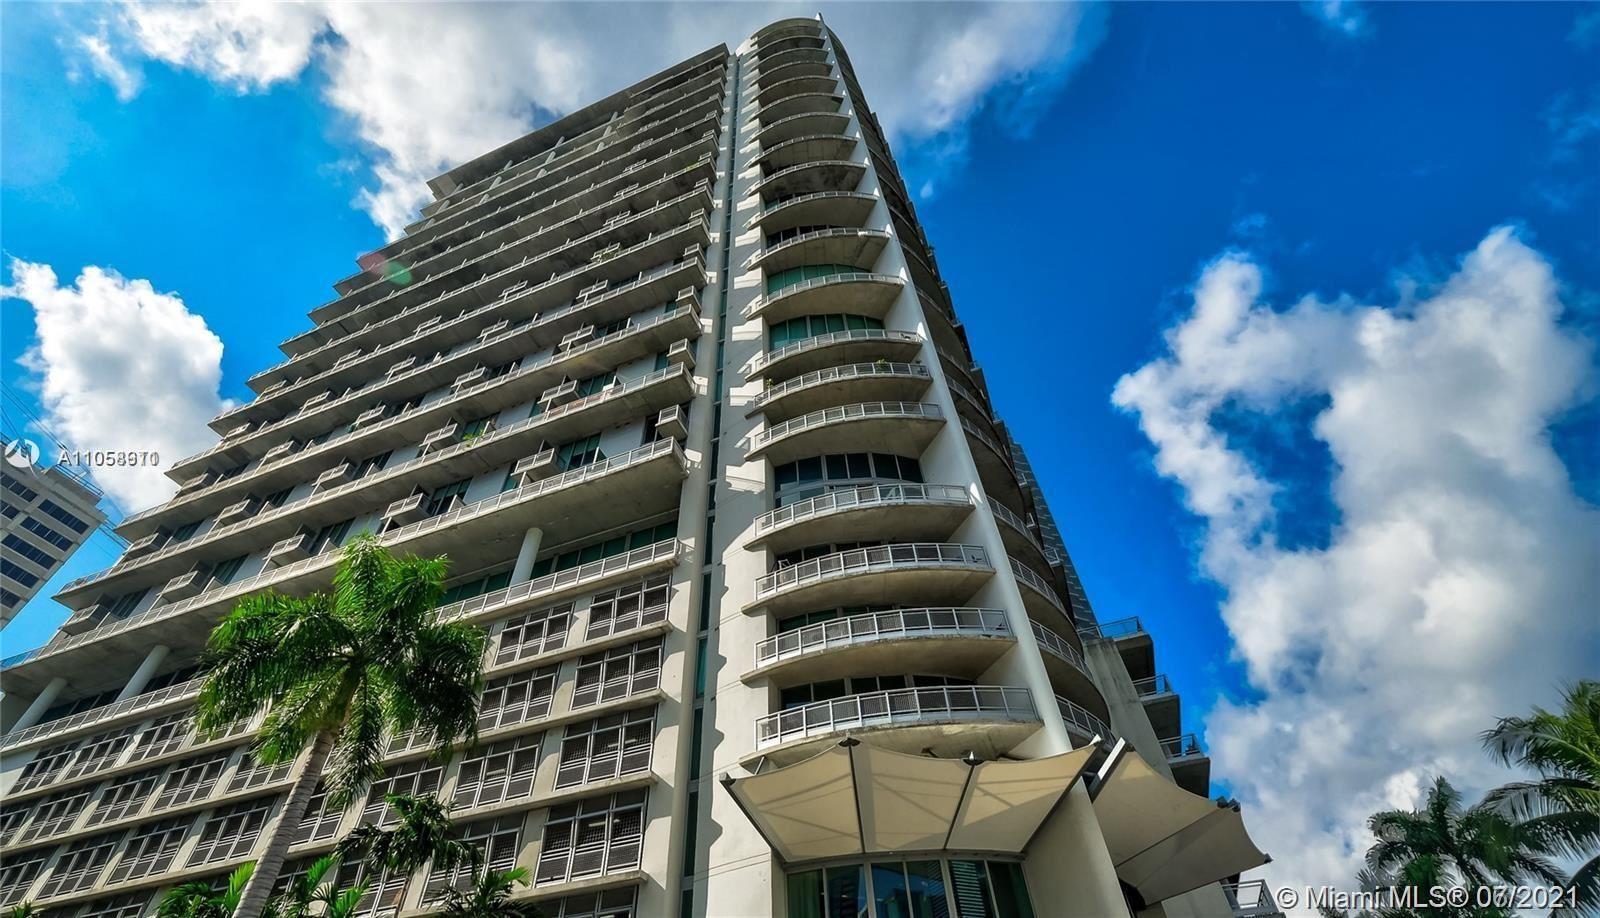 690 SW 1st Ct #2730, Miami, FL 33130 - #: A11058911